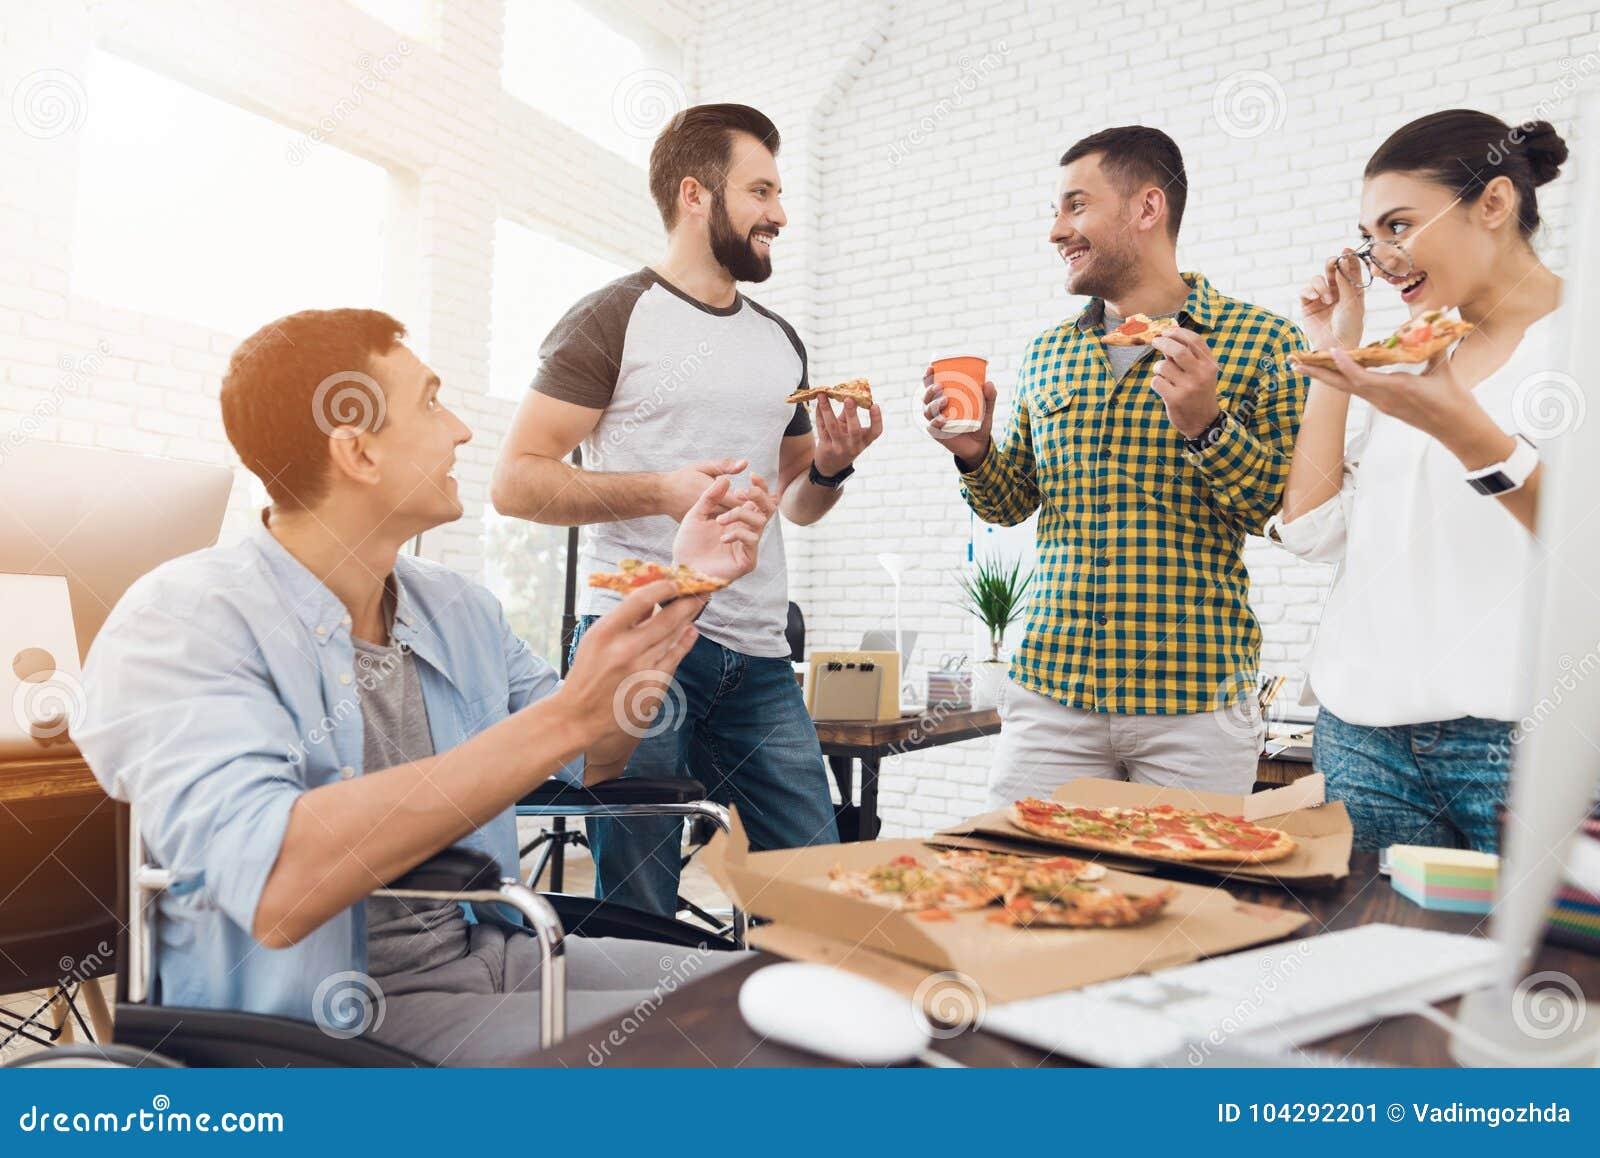 Comiendo Y La Una Silla Hombre Están Los Oficinistas Ruedas De El En TlFcJK1